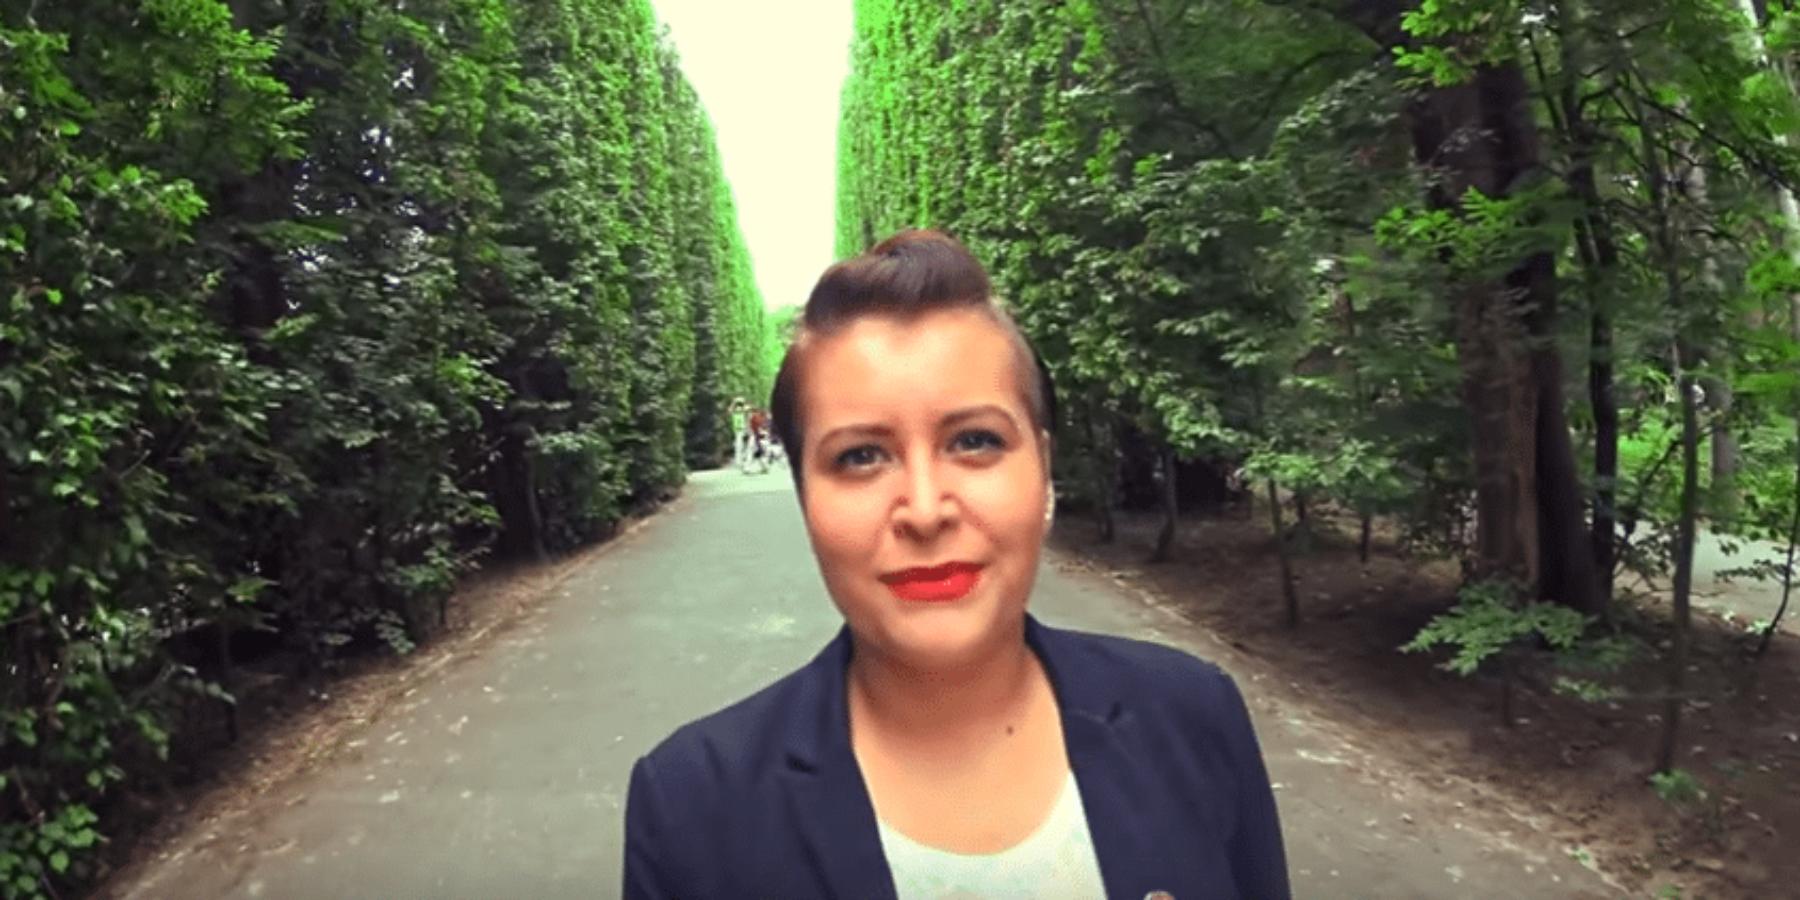 Kamila Kiersznowska oMistrzostwach wContent Marketingu!